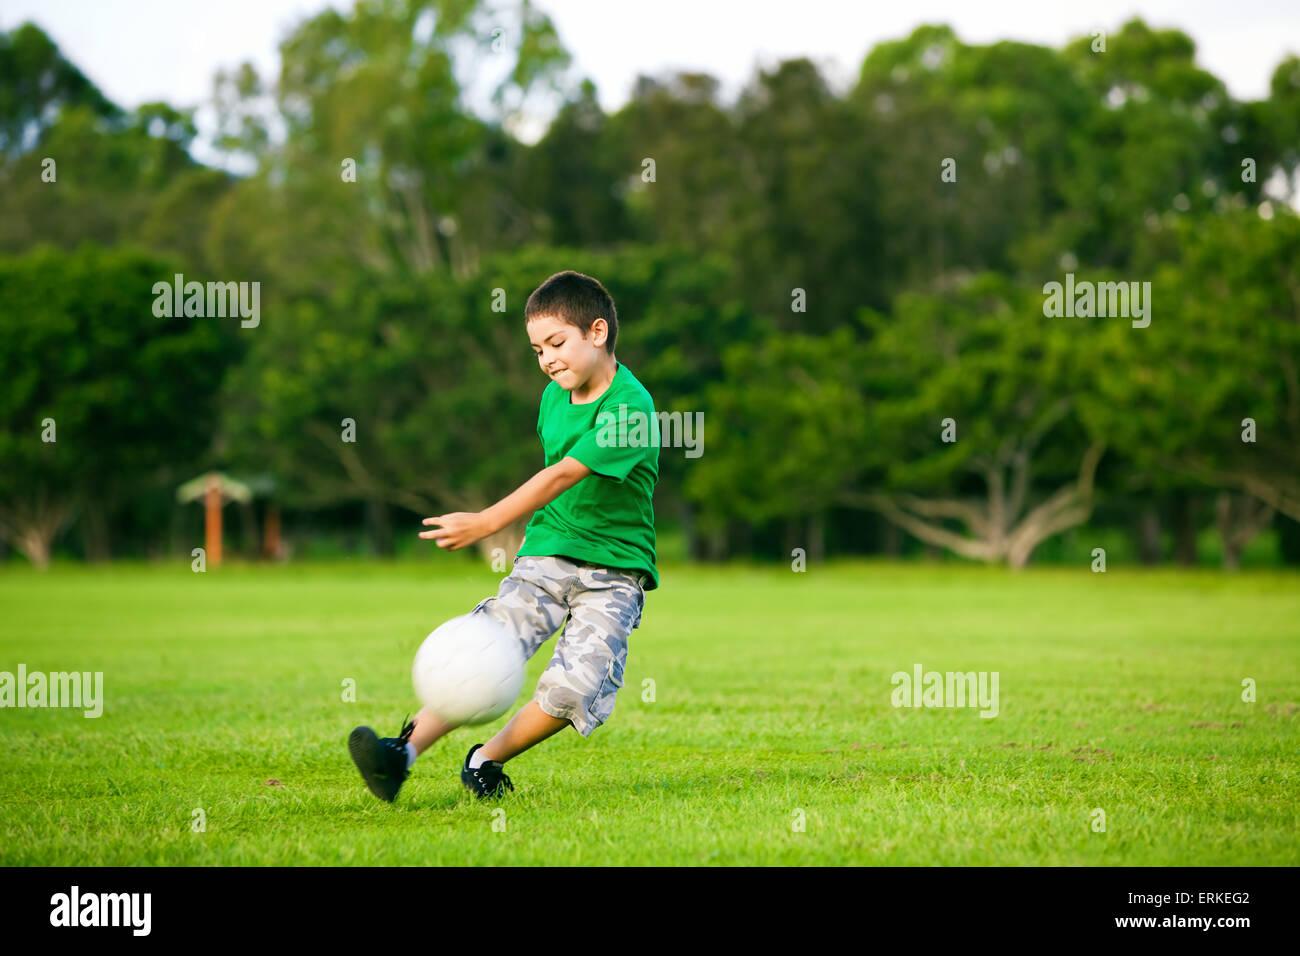 Junge begeistert junge treten Ball auf der Wiese im freien Stockbild